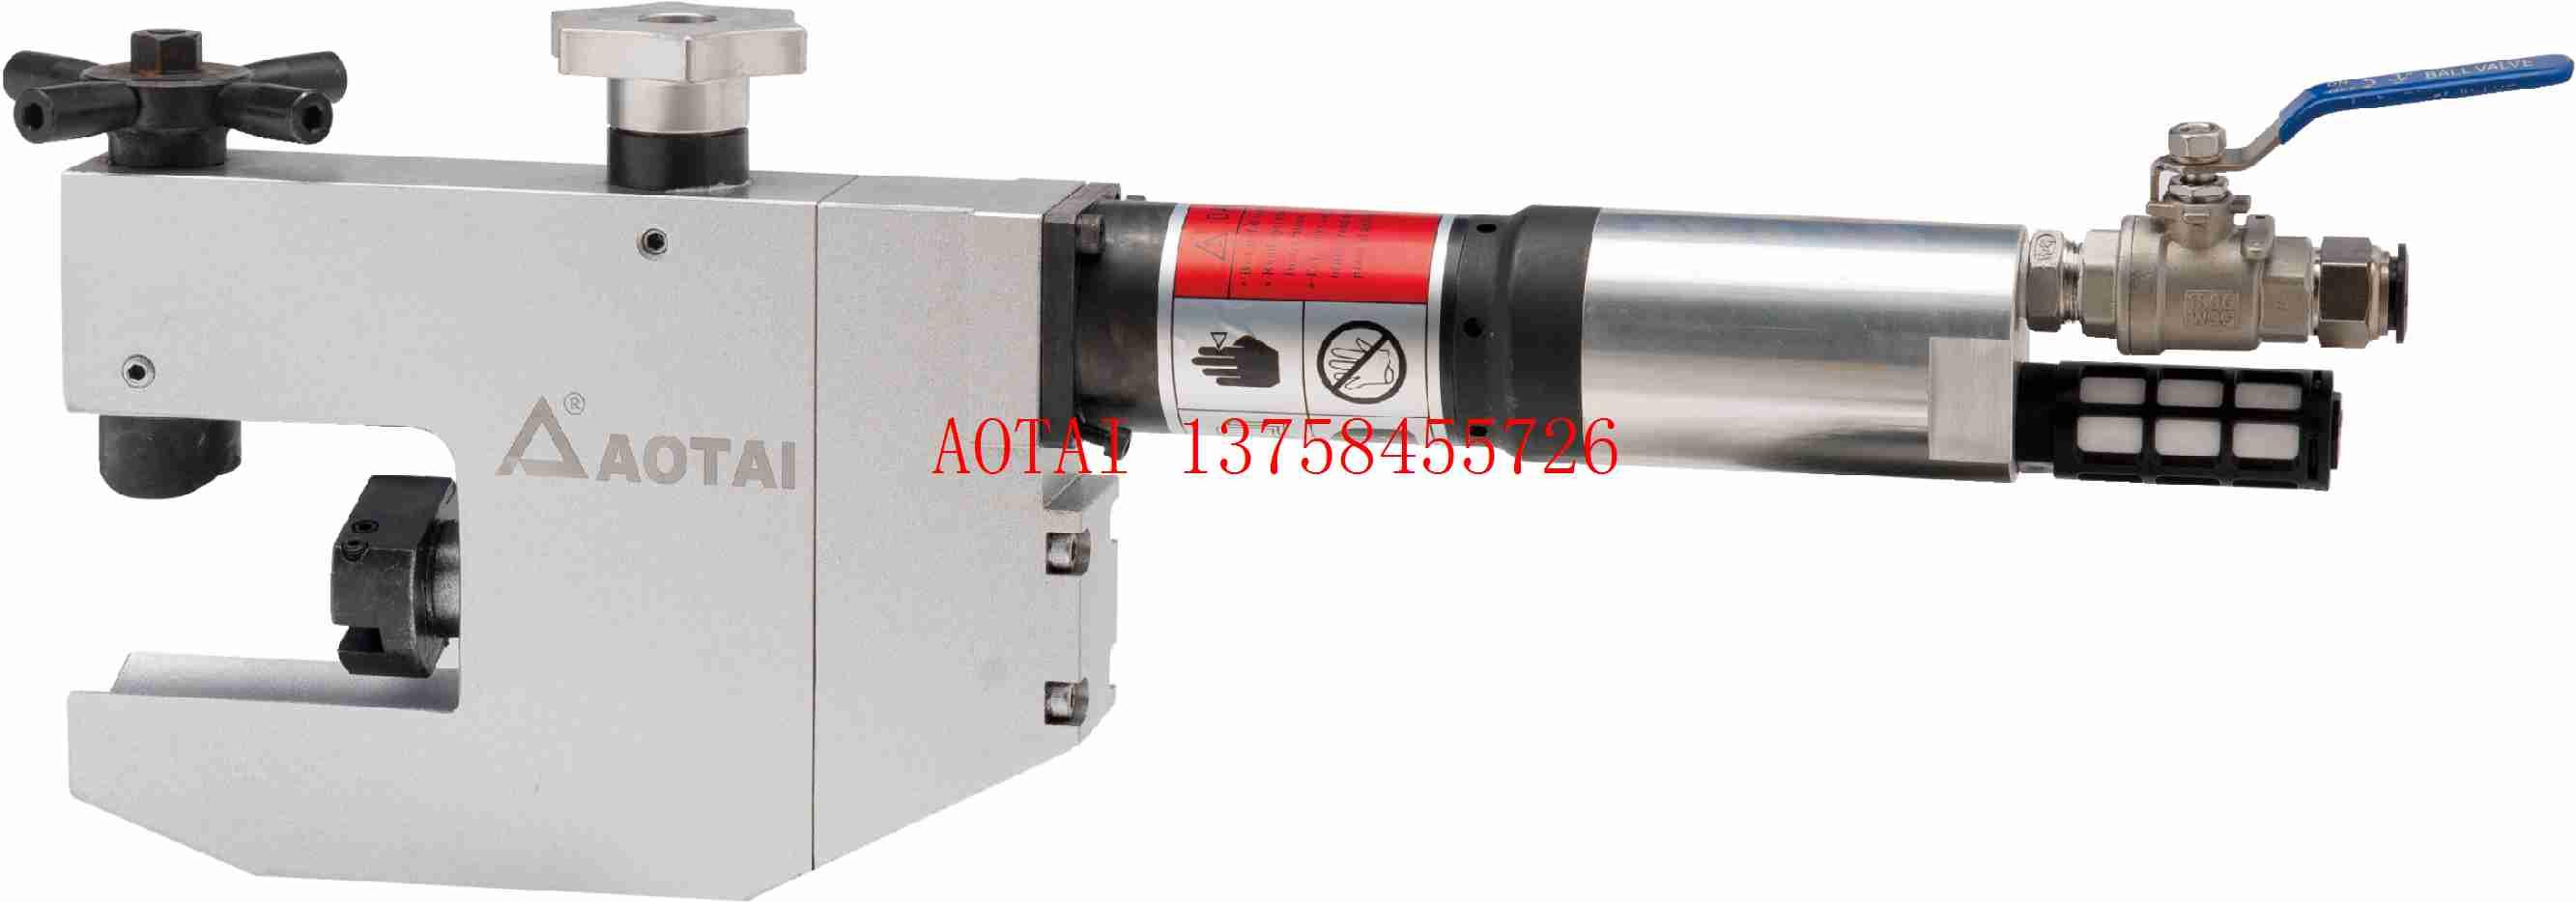 C-I型-外卡式管子端面坡口机